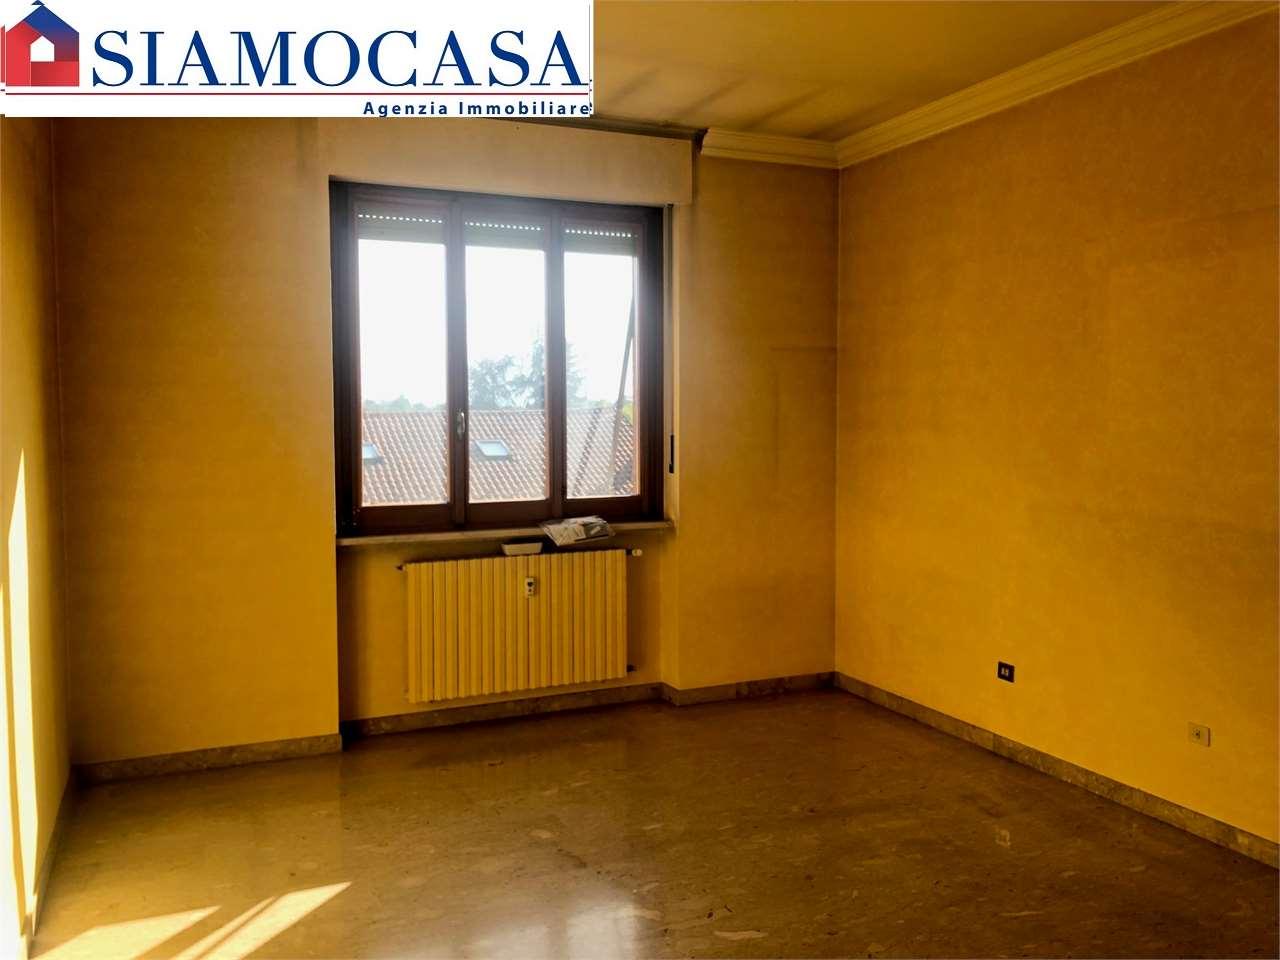 Vendita Trilocale Appartamento Alessandria 170622